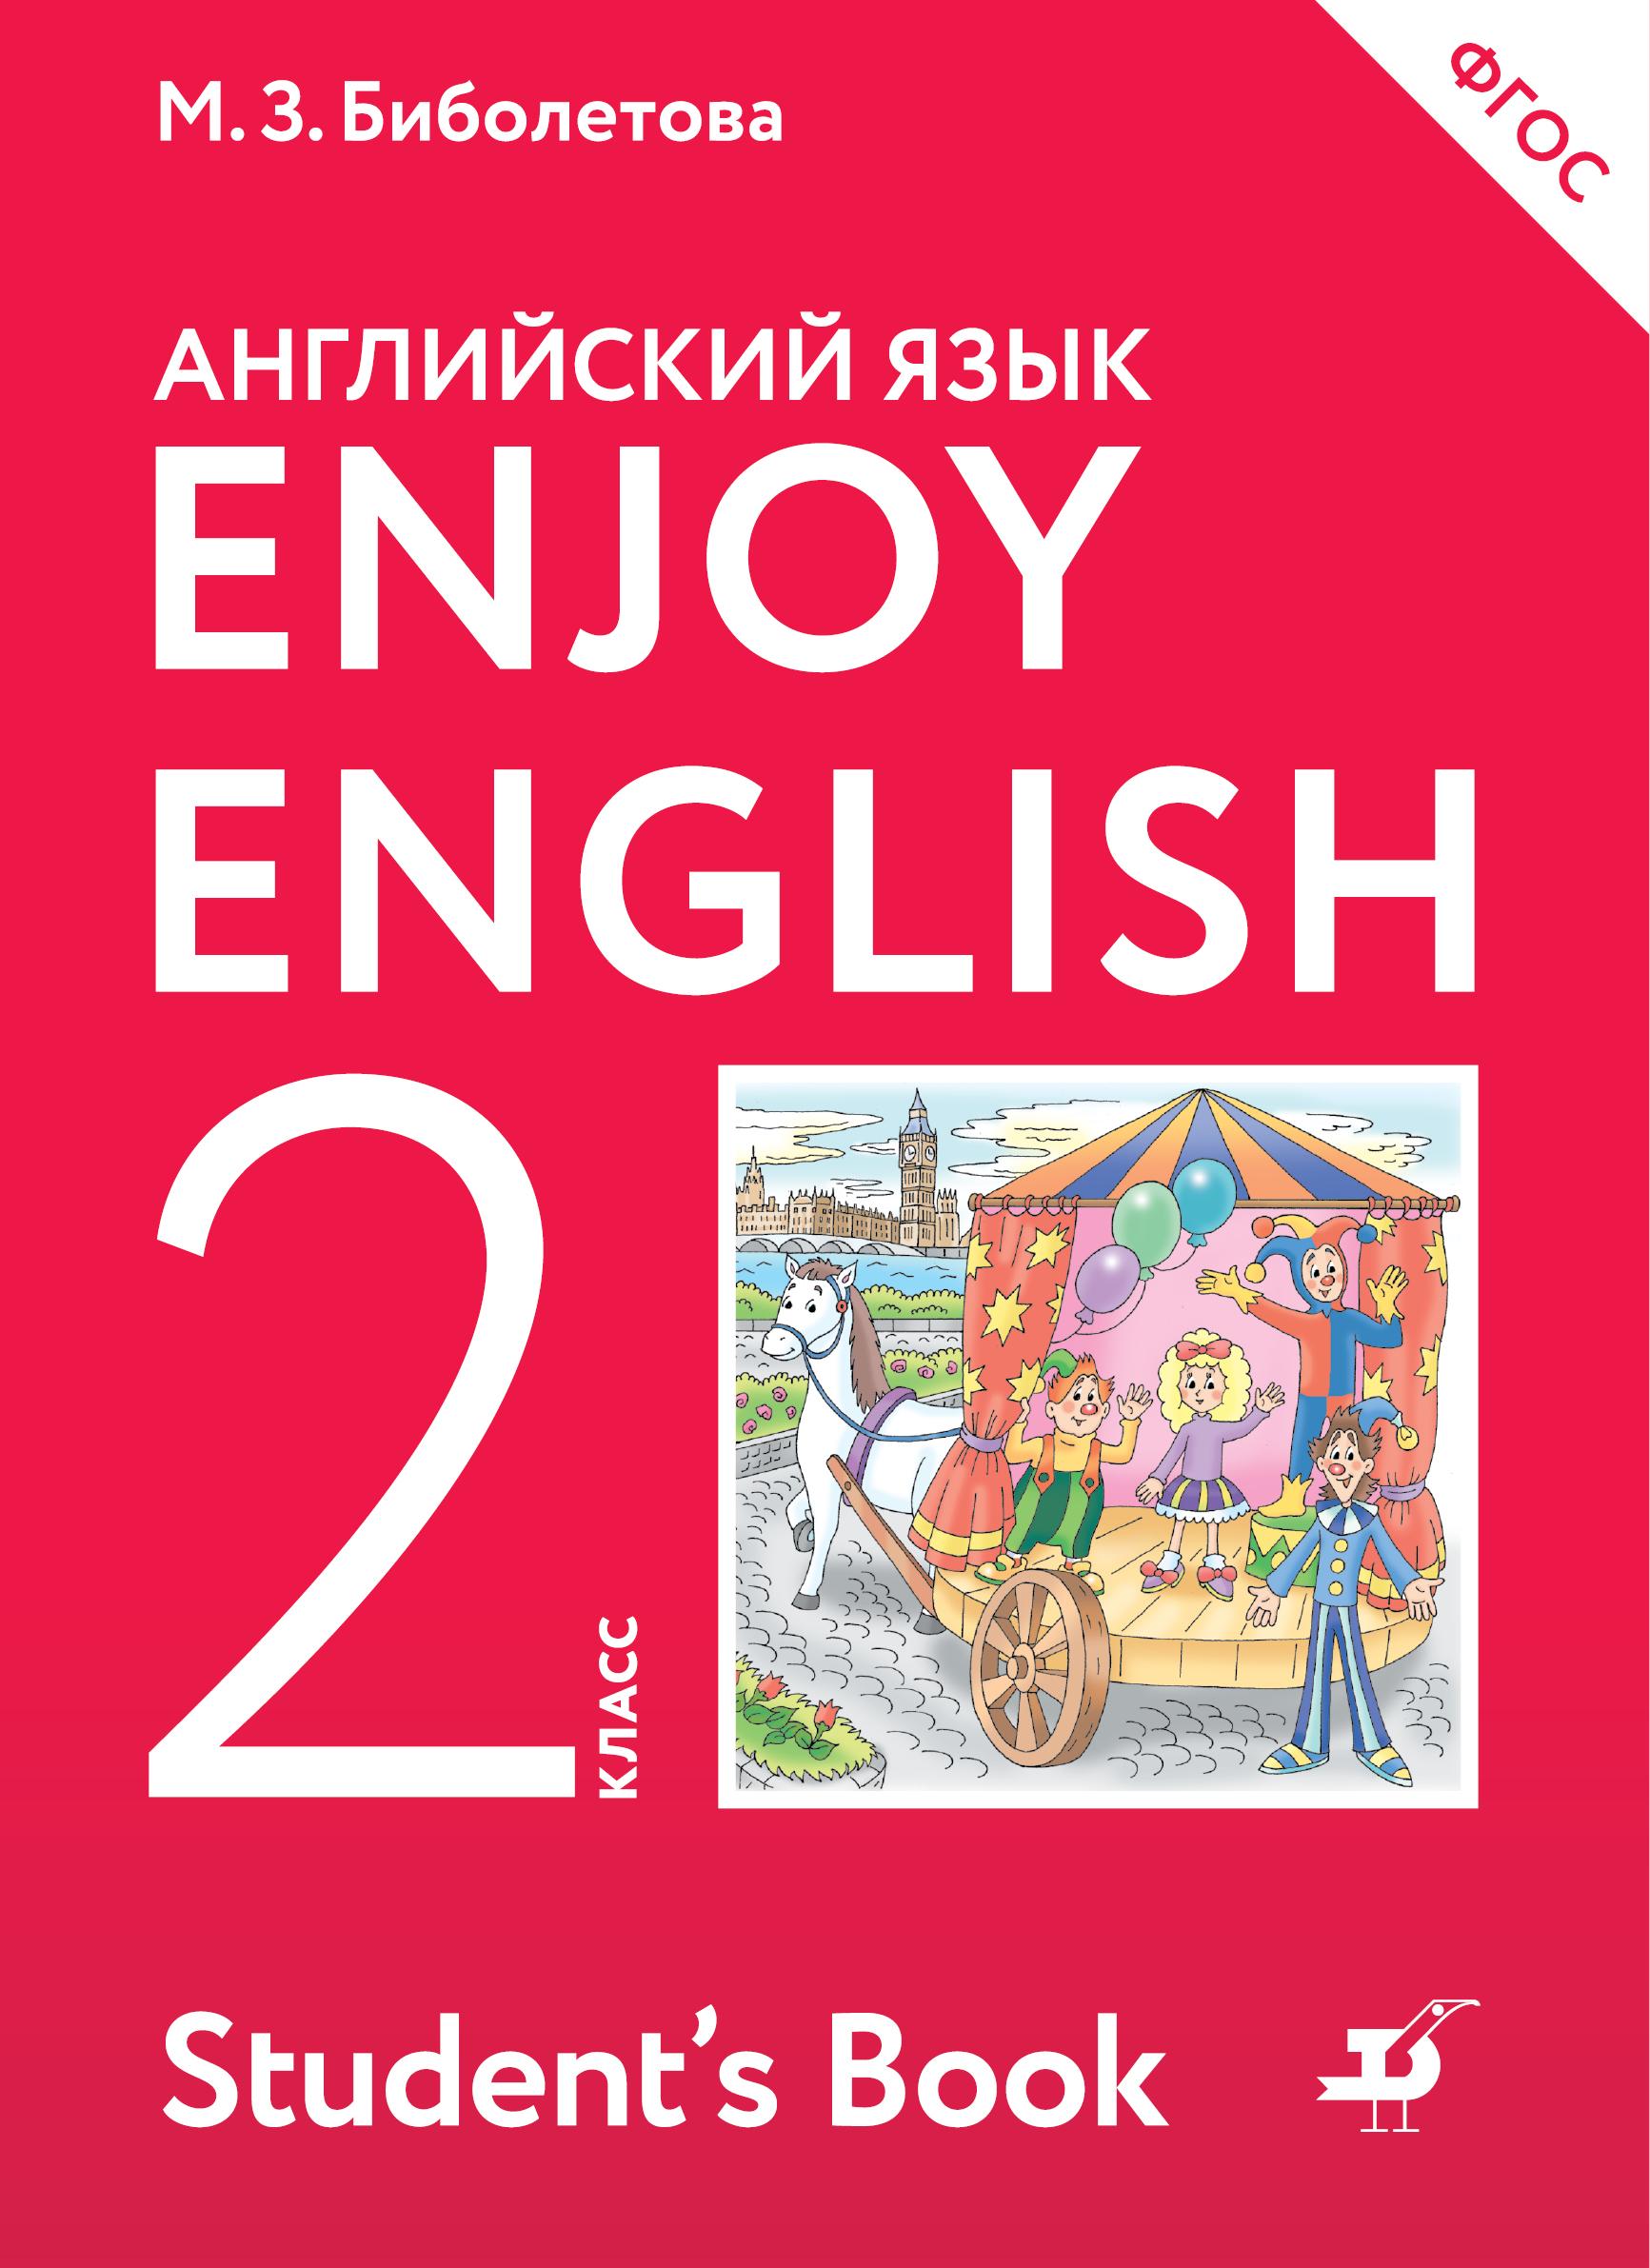 Enjoy English/Английский с удовольствием. 2 класс. Учебник, Биболетова Мерем Забатовна